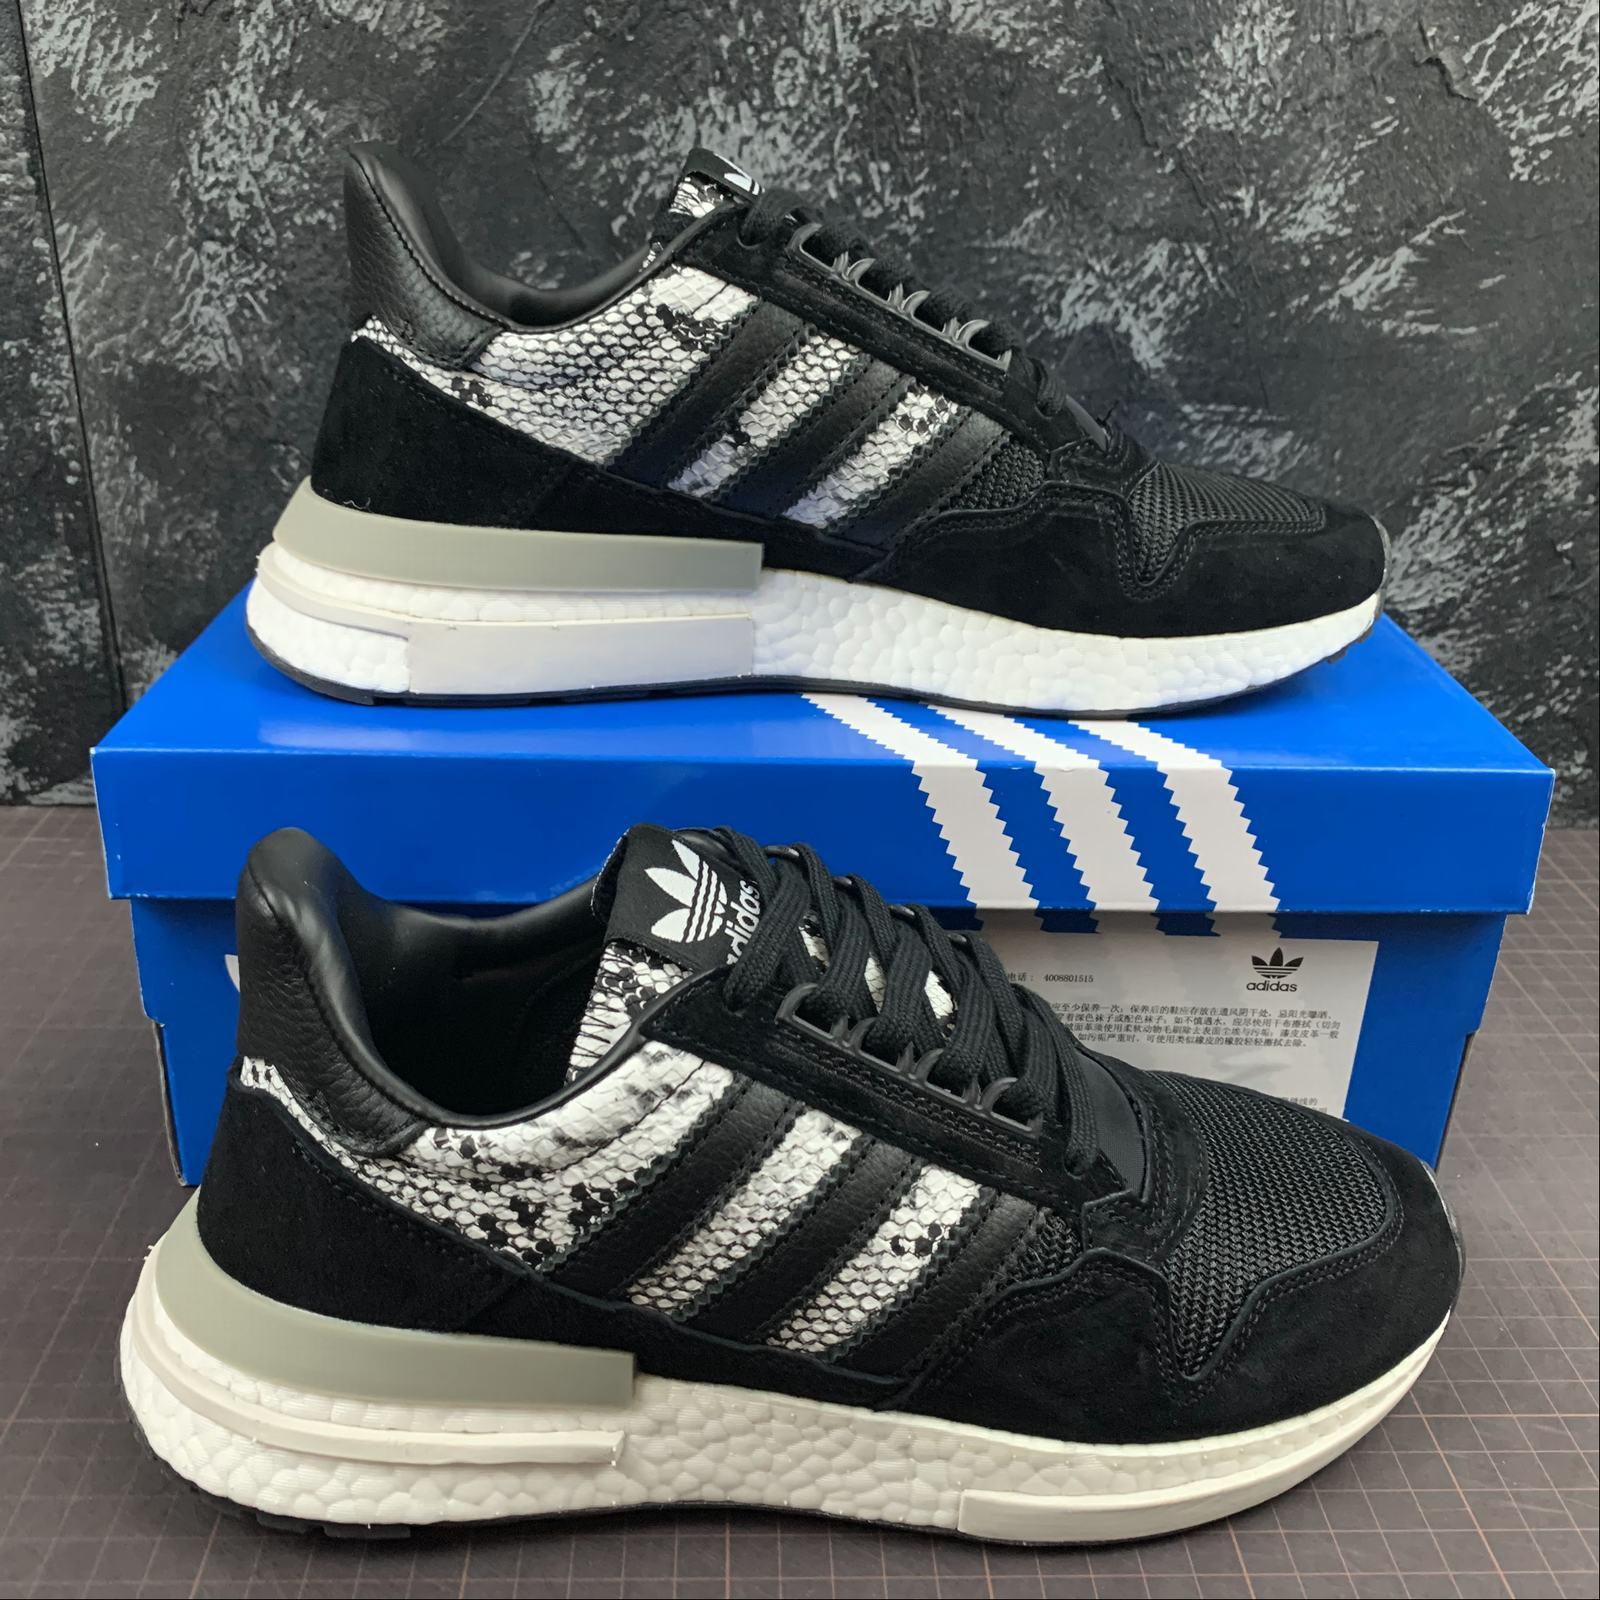 giay-sneaker-adidas-zx500-rm-bd7924